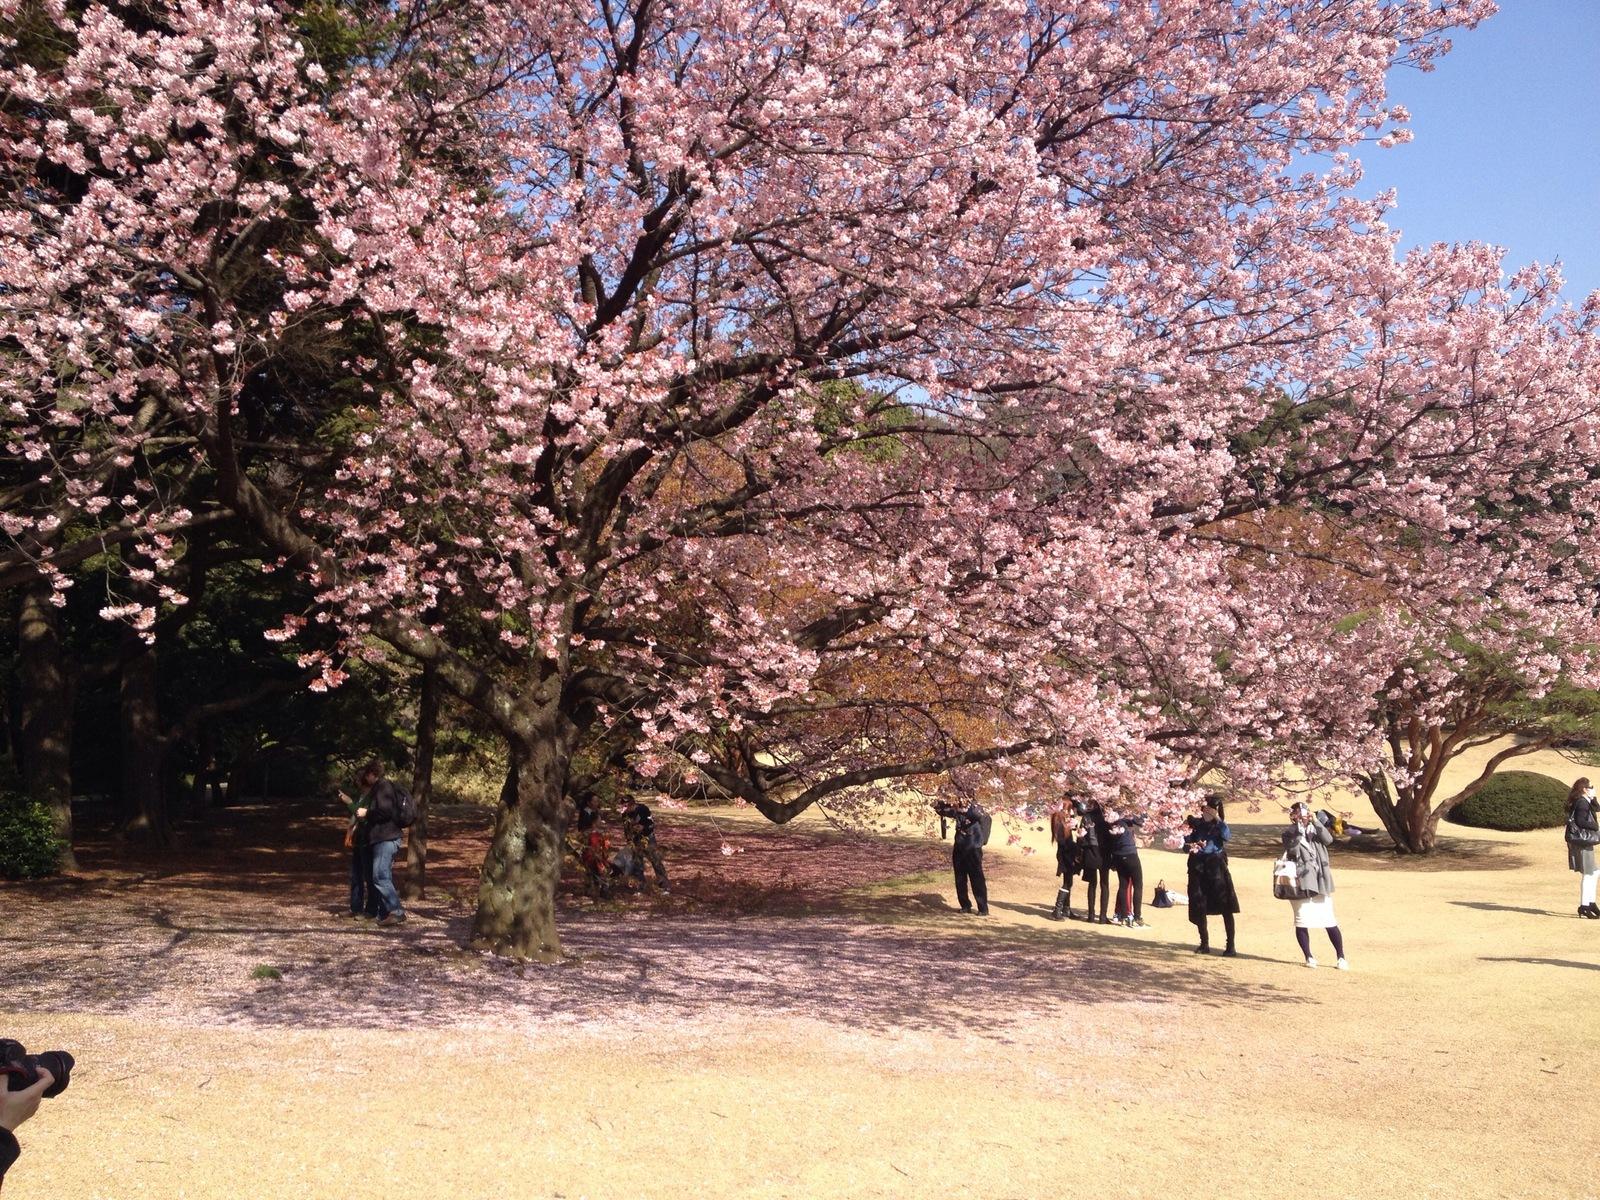 Kwitnące sakury wShinjuku Gyoen